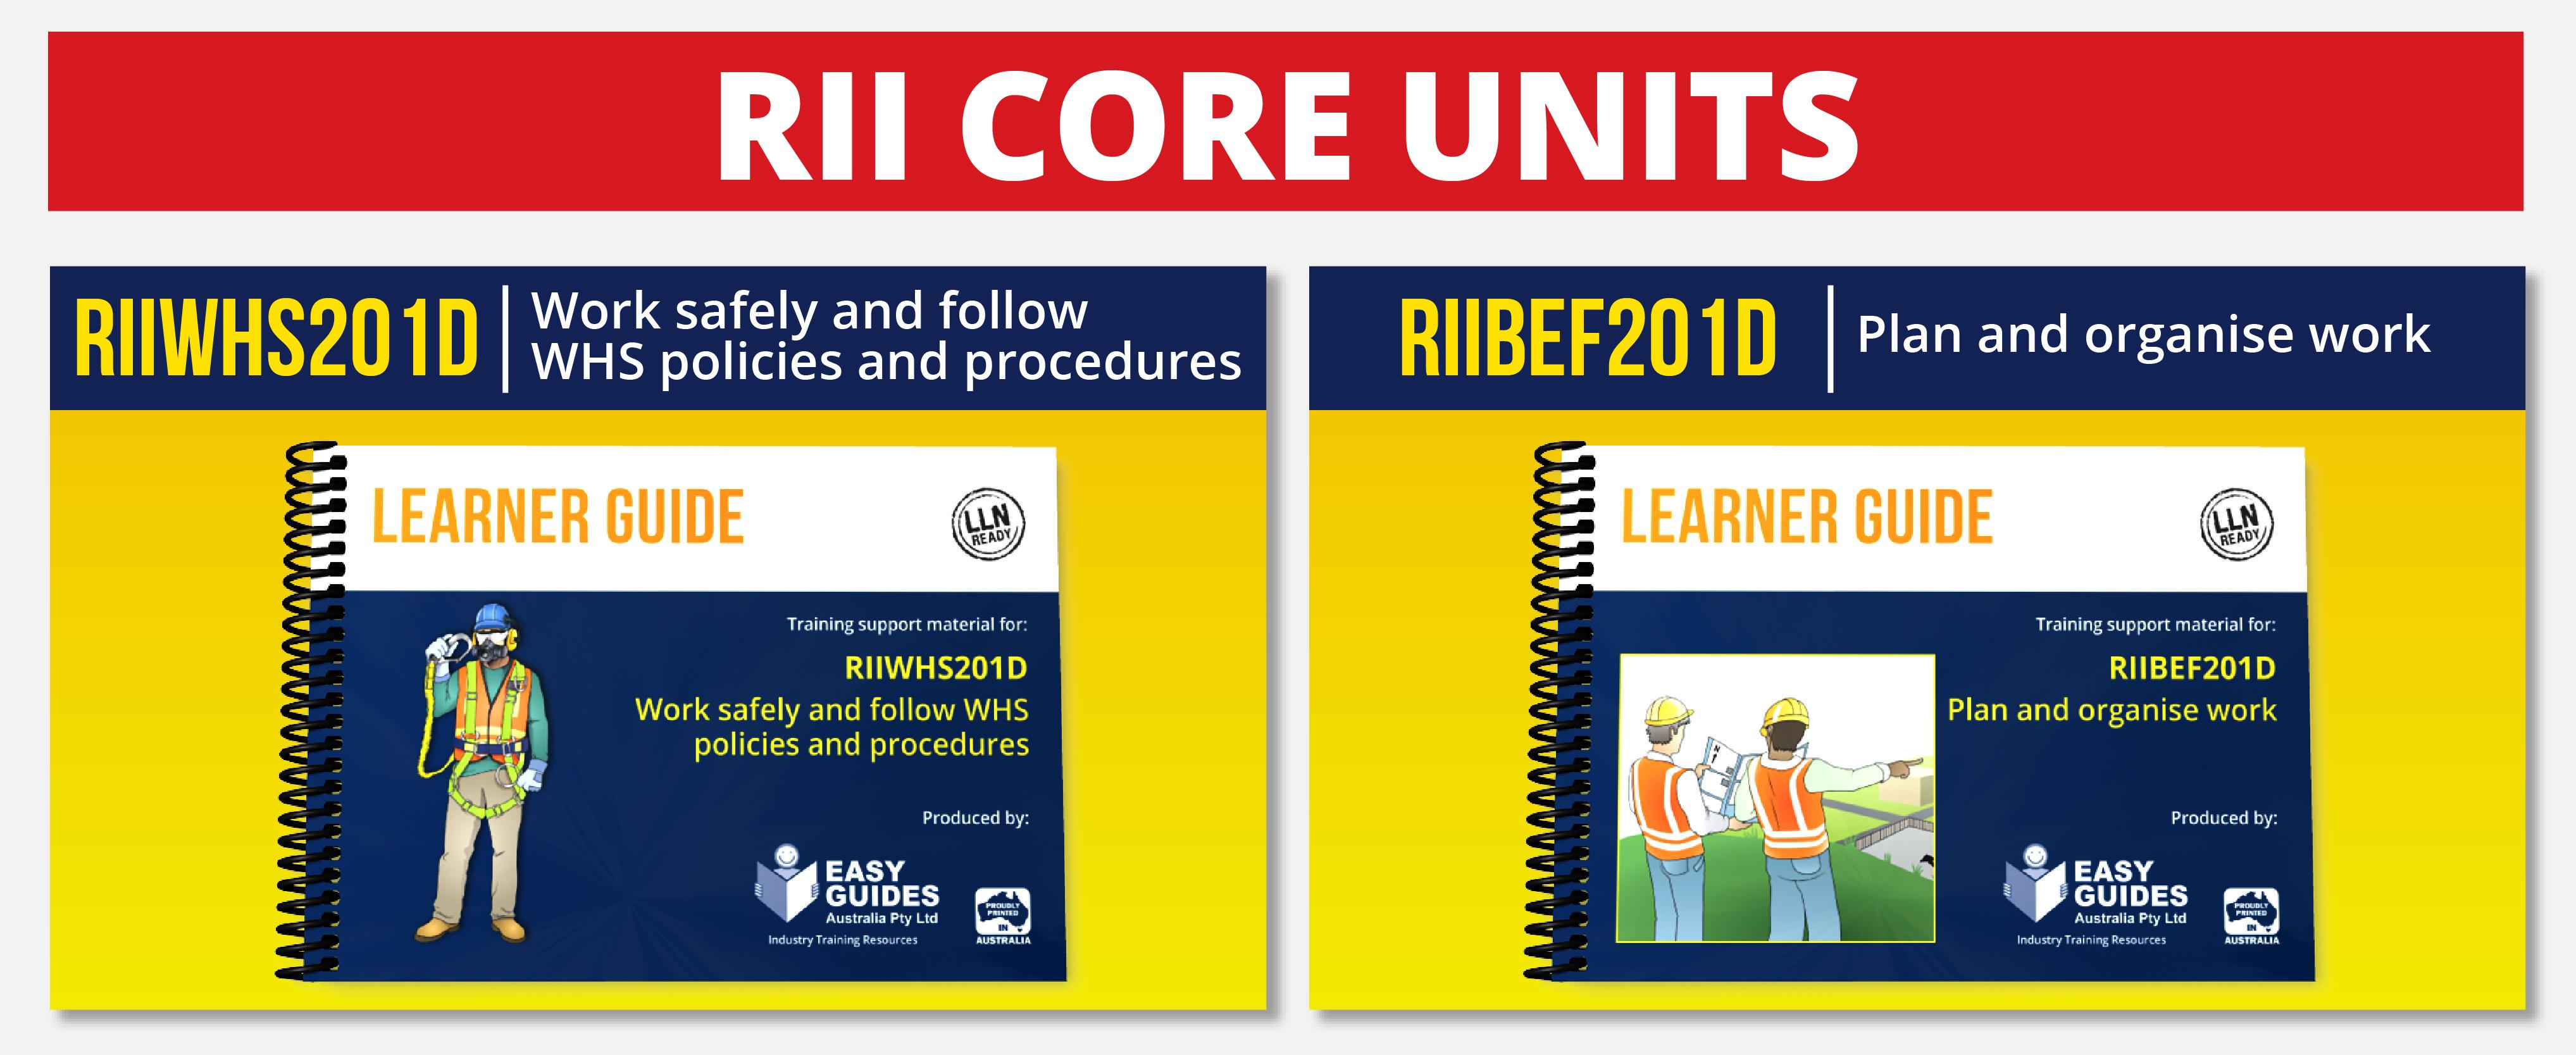 RII-Core-Units